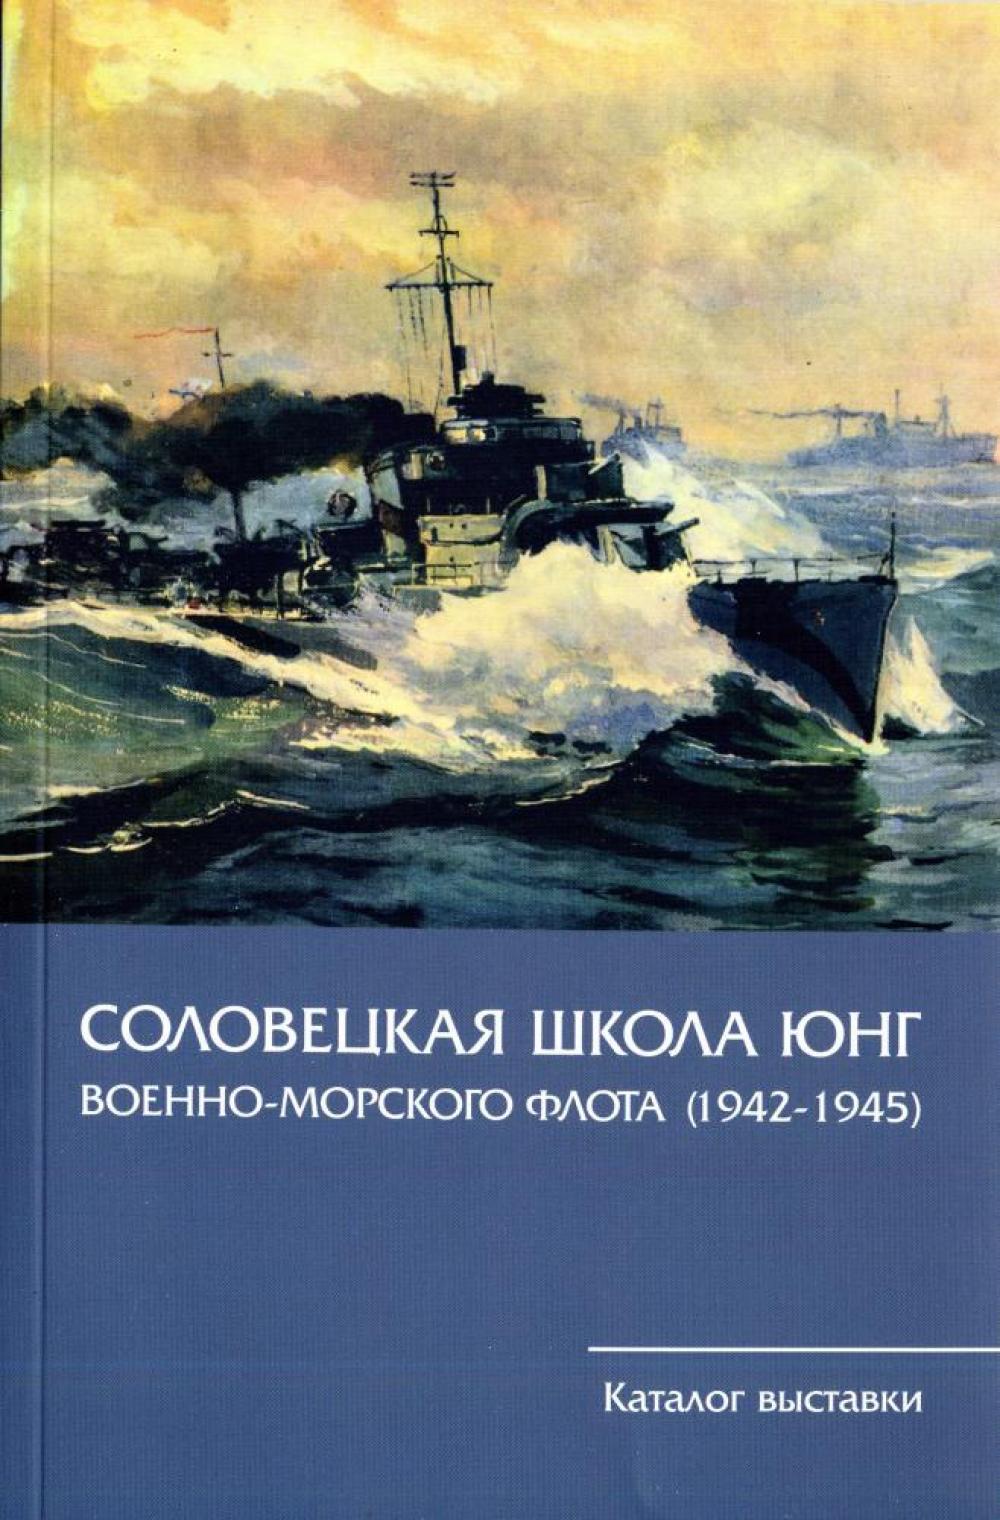 Каталог выставки «Соловецкая школа юнг ВМФ. 1942-1945 гг.».